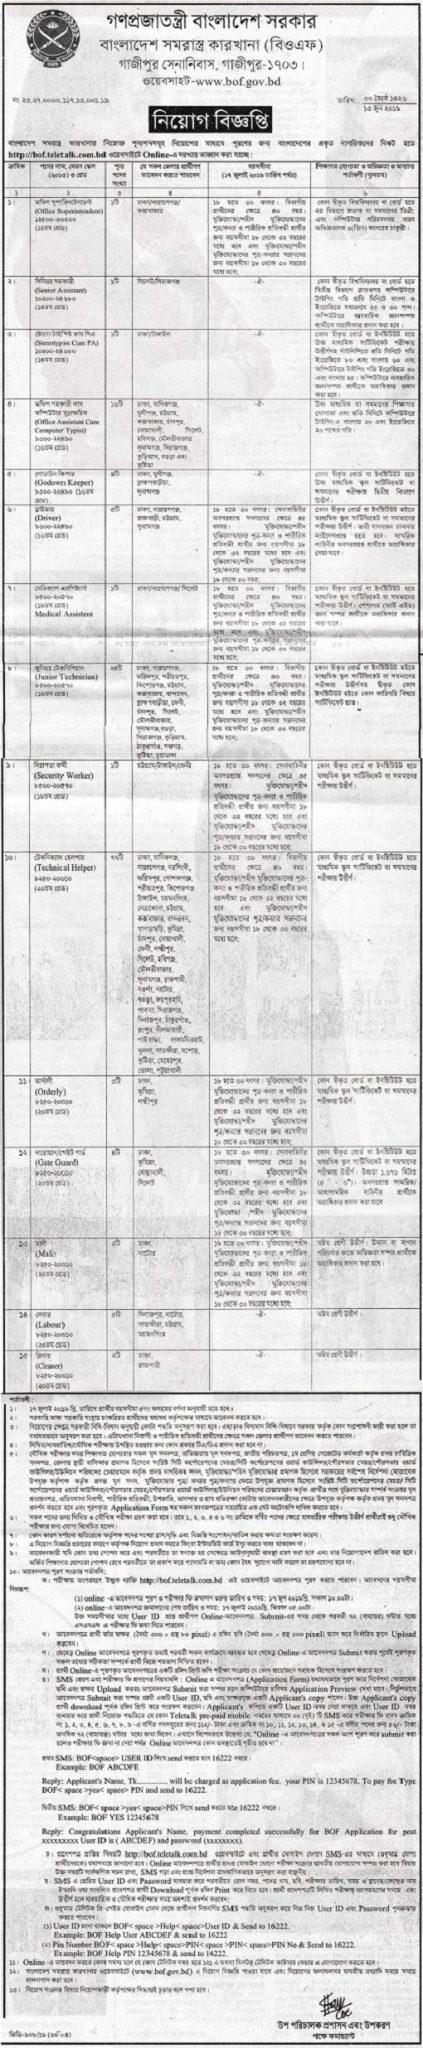 Bangladesh Armed Forces Board Job Circular 2019